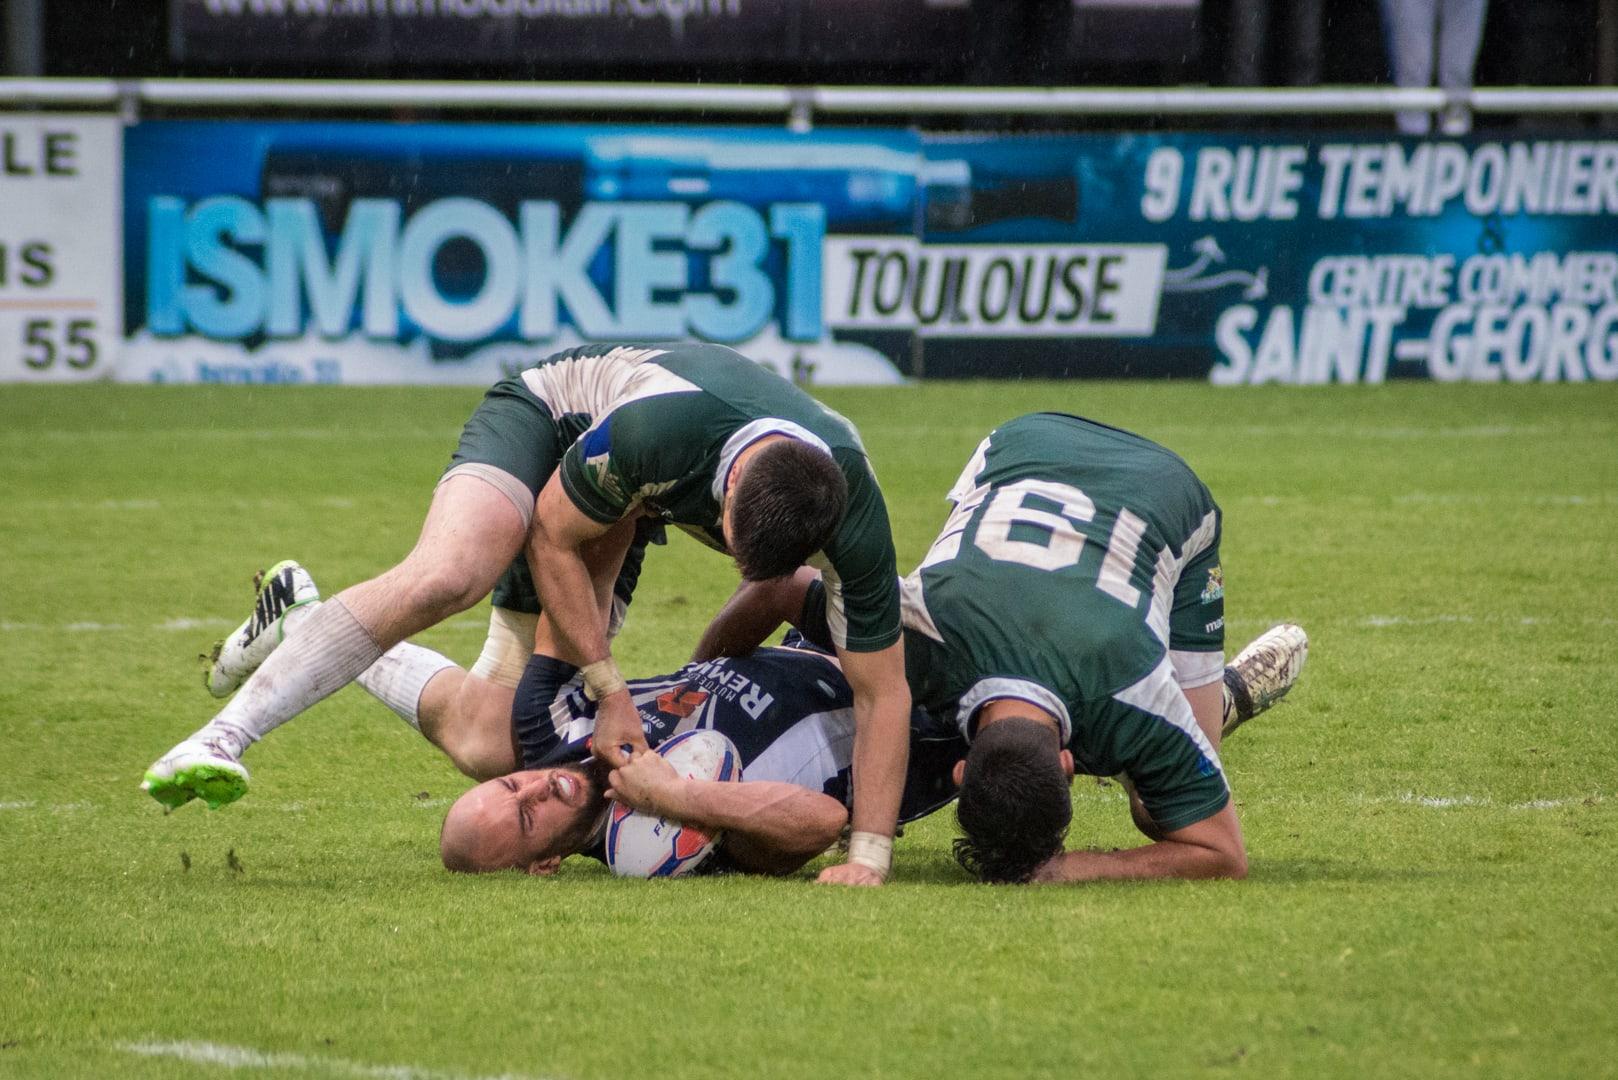 Photo de la demi finale du championnat de France de Rugby à XIII, Toulouse - Villeneuve 6